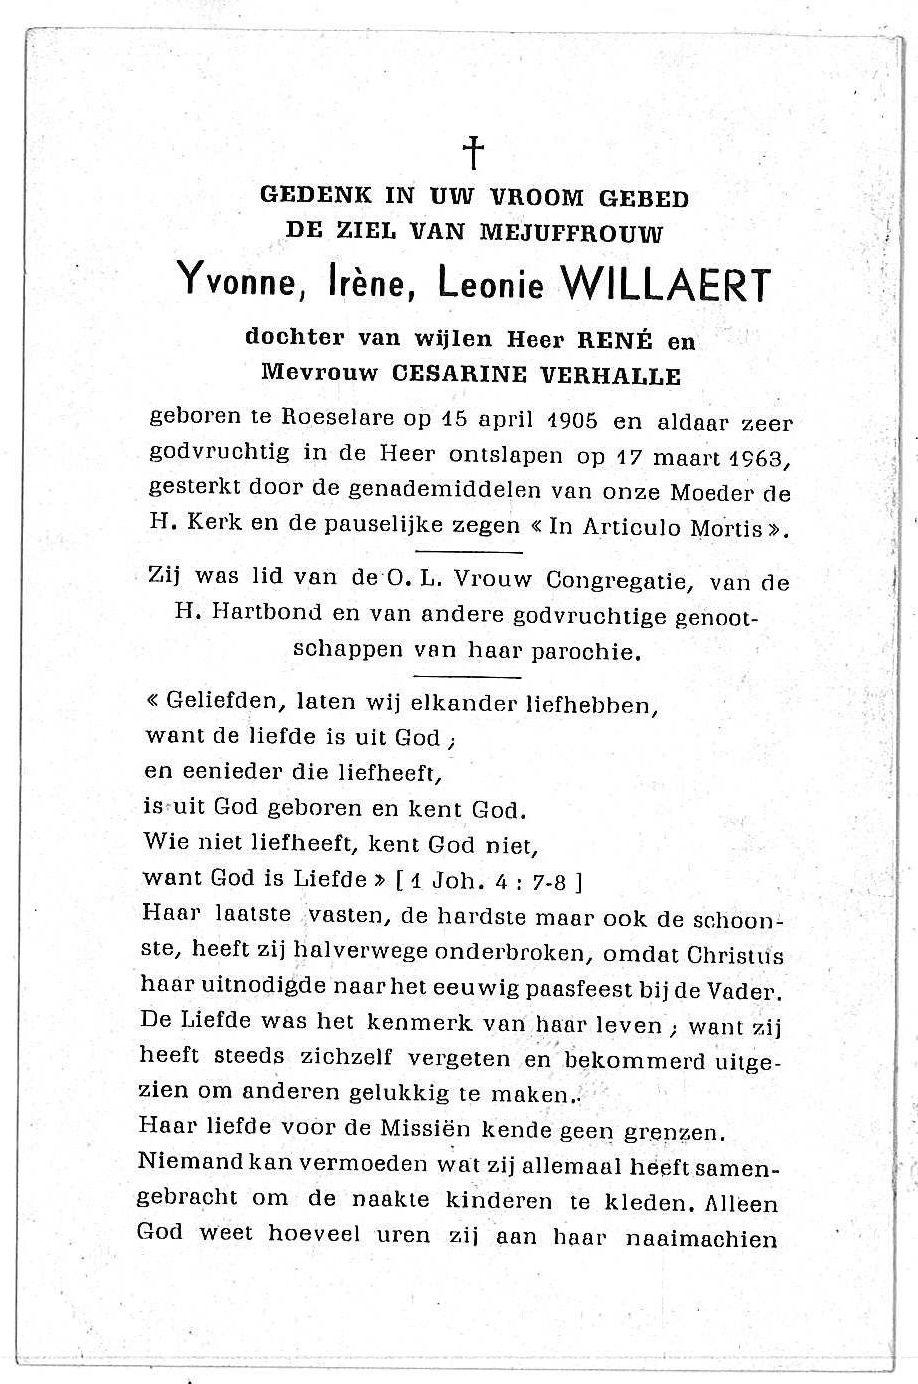 Yvonne-Irène-Leonie Willaert